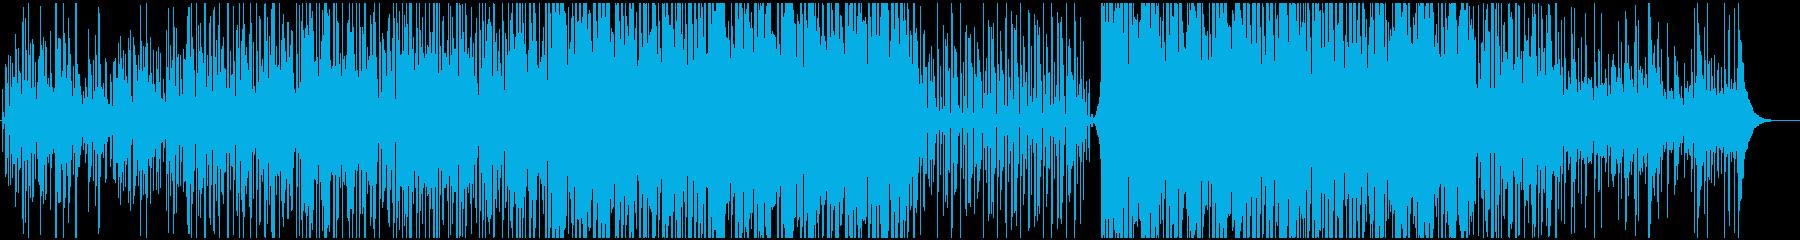 アンビエント 実験的な ファンタジ...の再生済みの波形